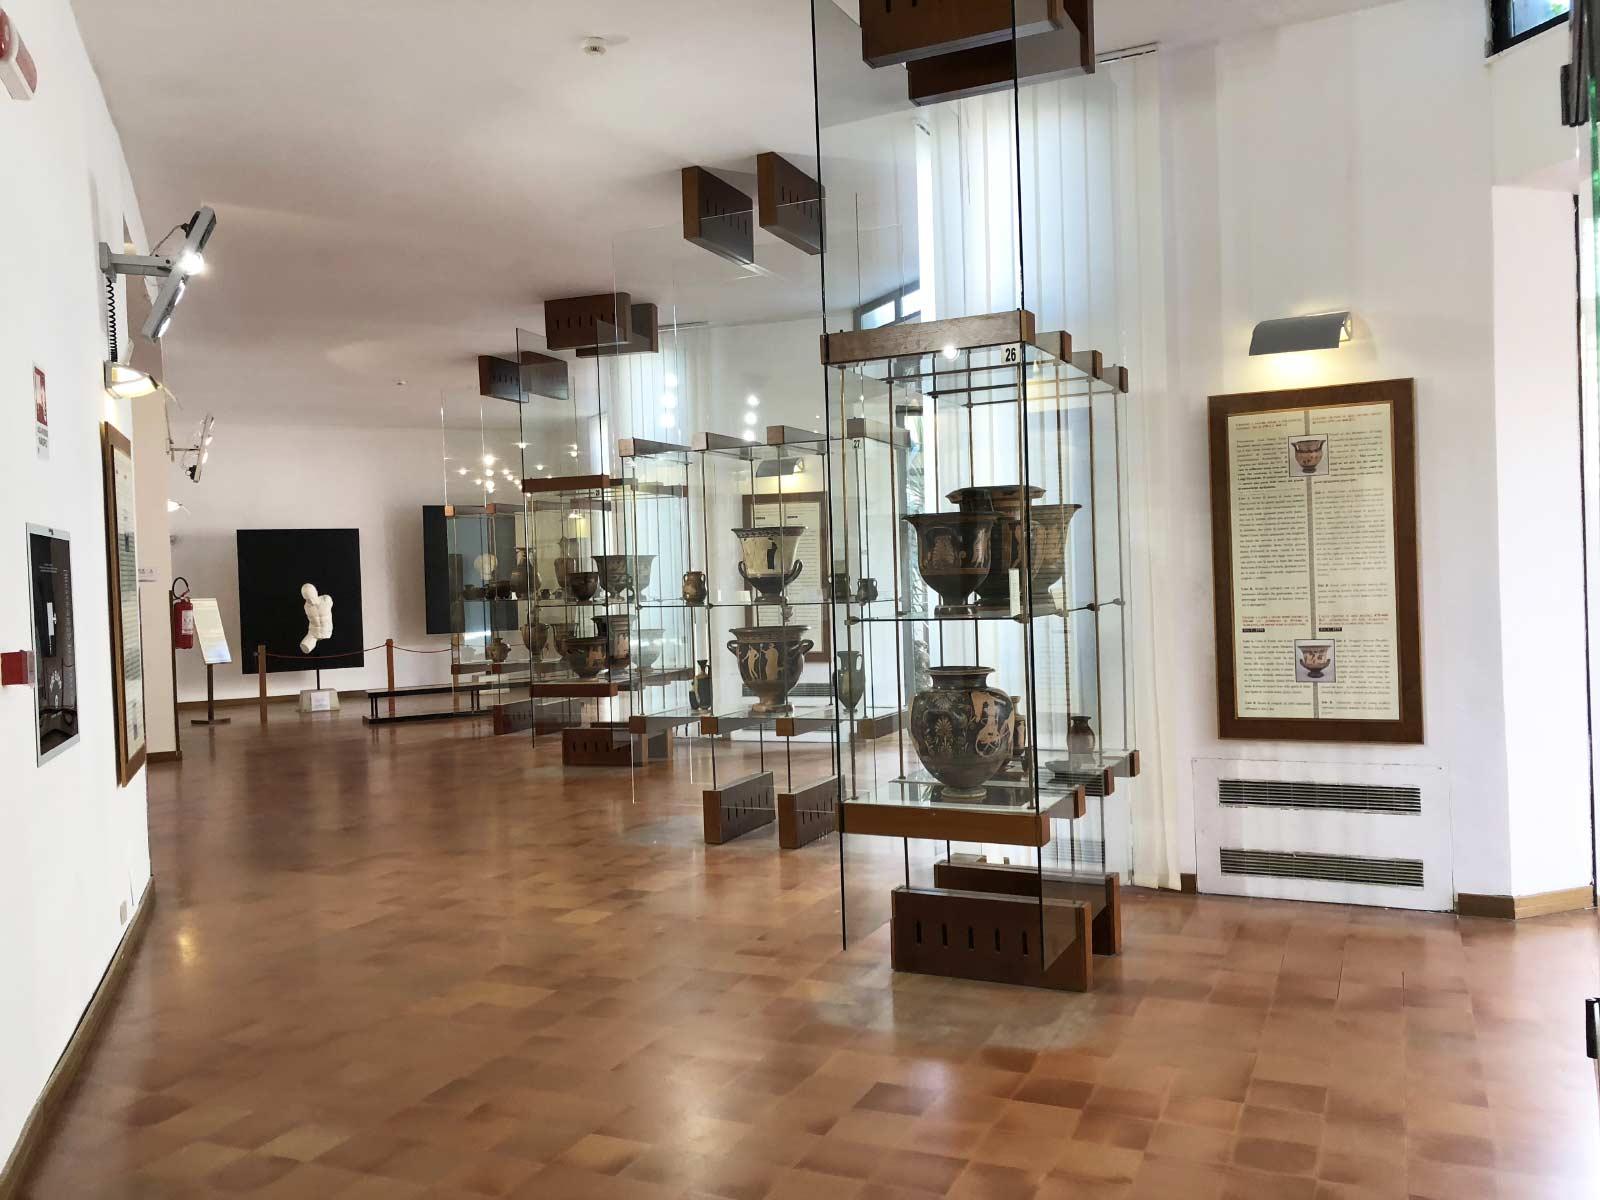 La sala della ceramica attica al Museo Archeologico di Agrigento: le vetrine con i reperti e sullo sfondo il guerriero di marmo